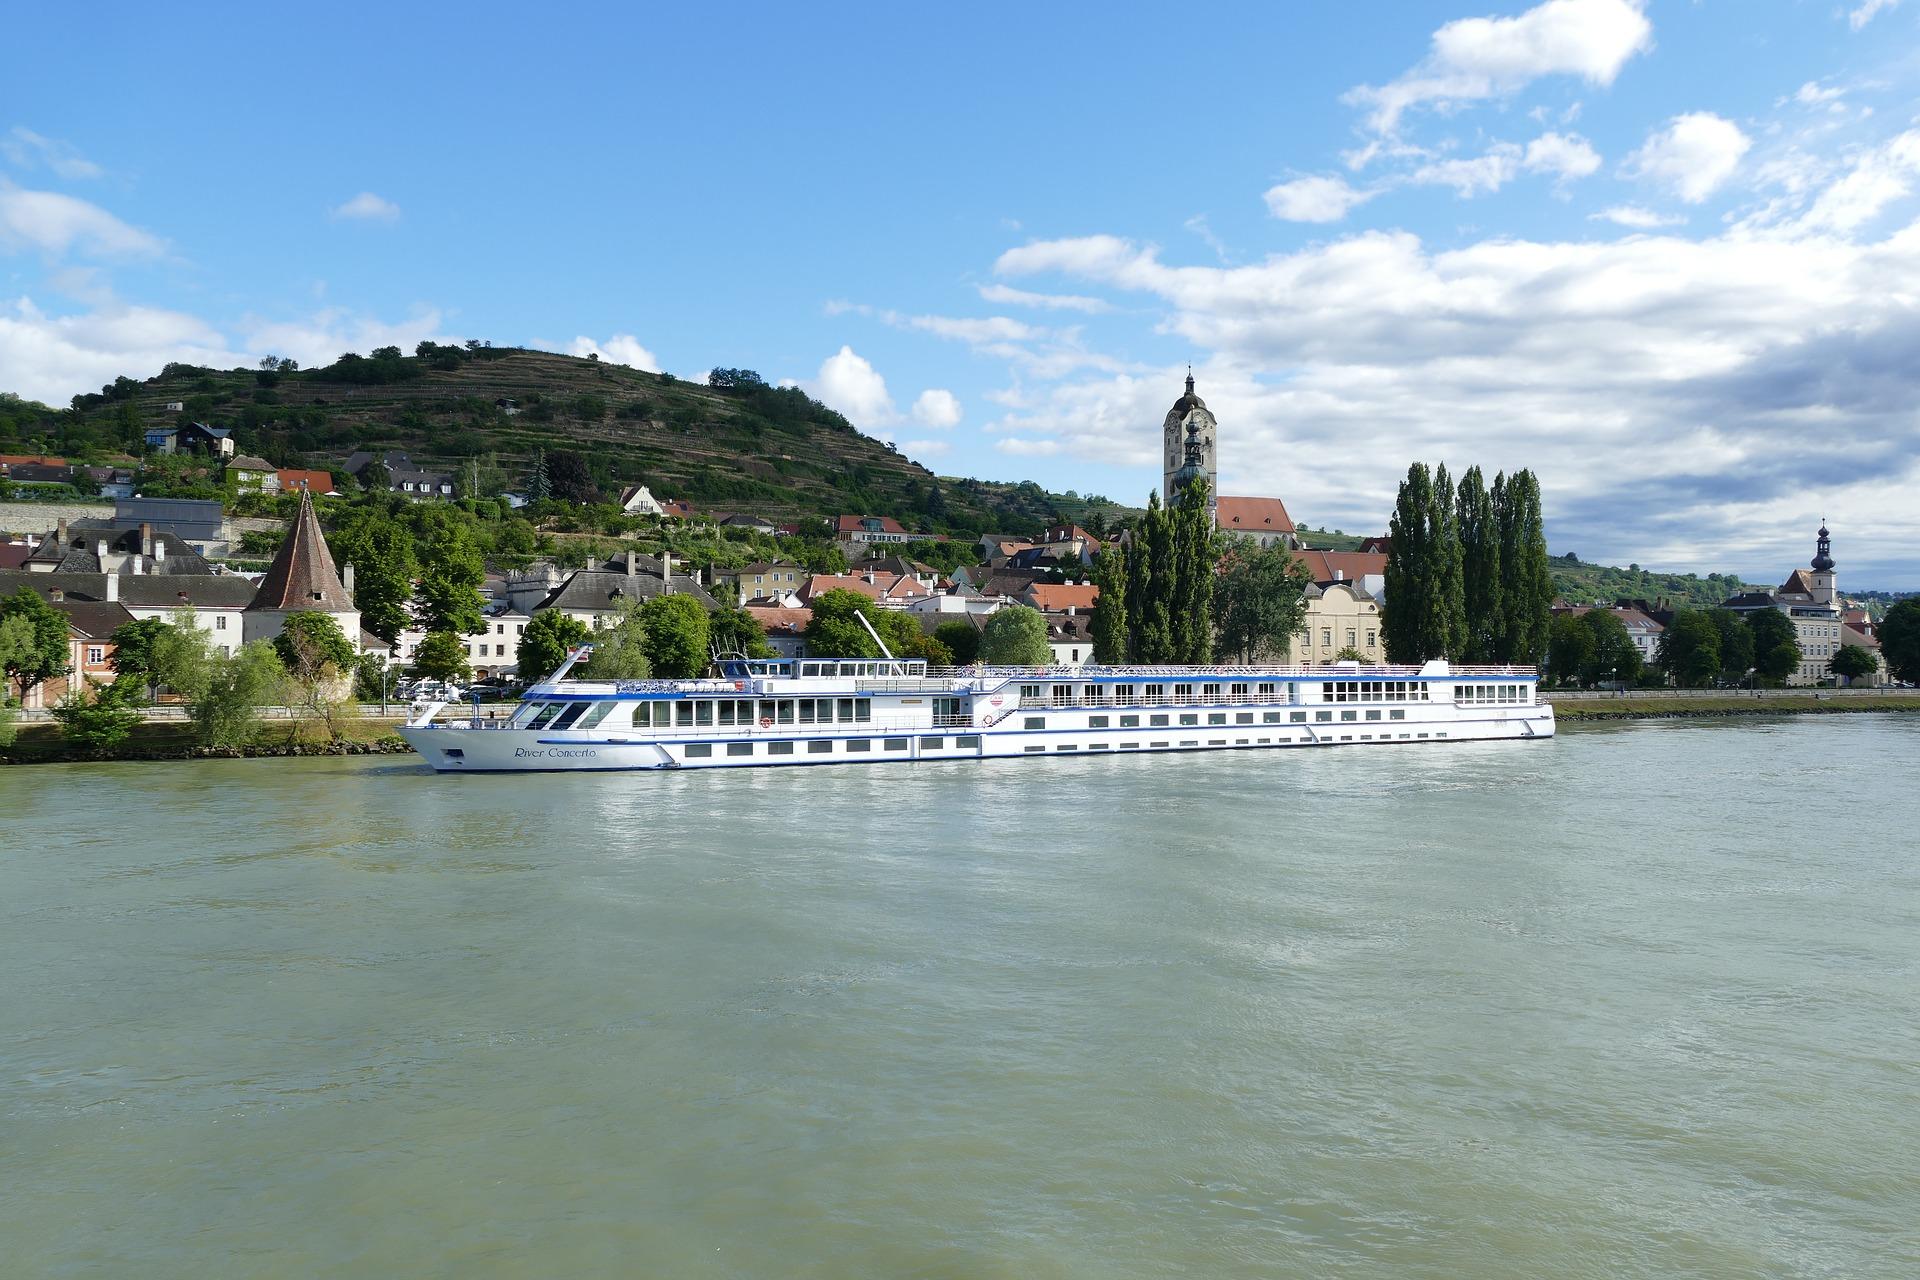 Donau-Kreuzfahrt: Tipps, Sehenswürdigkeiten & Ideen